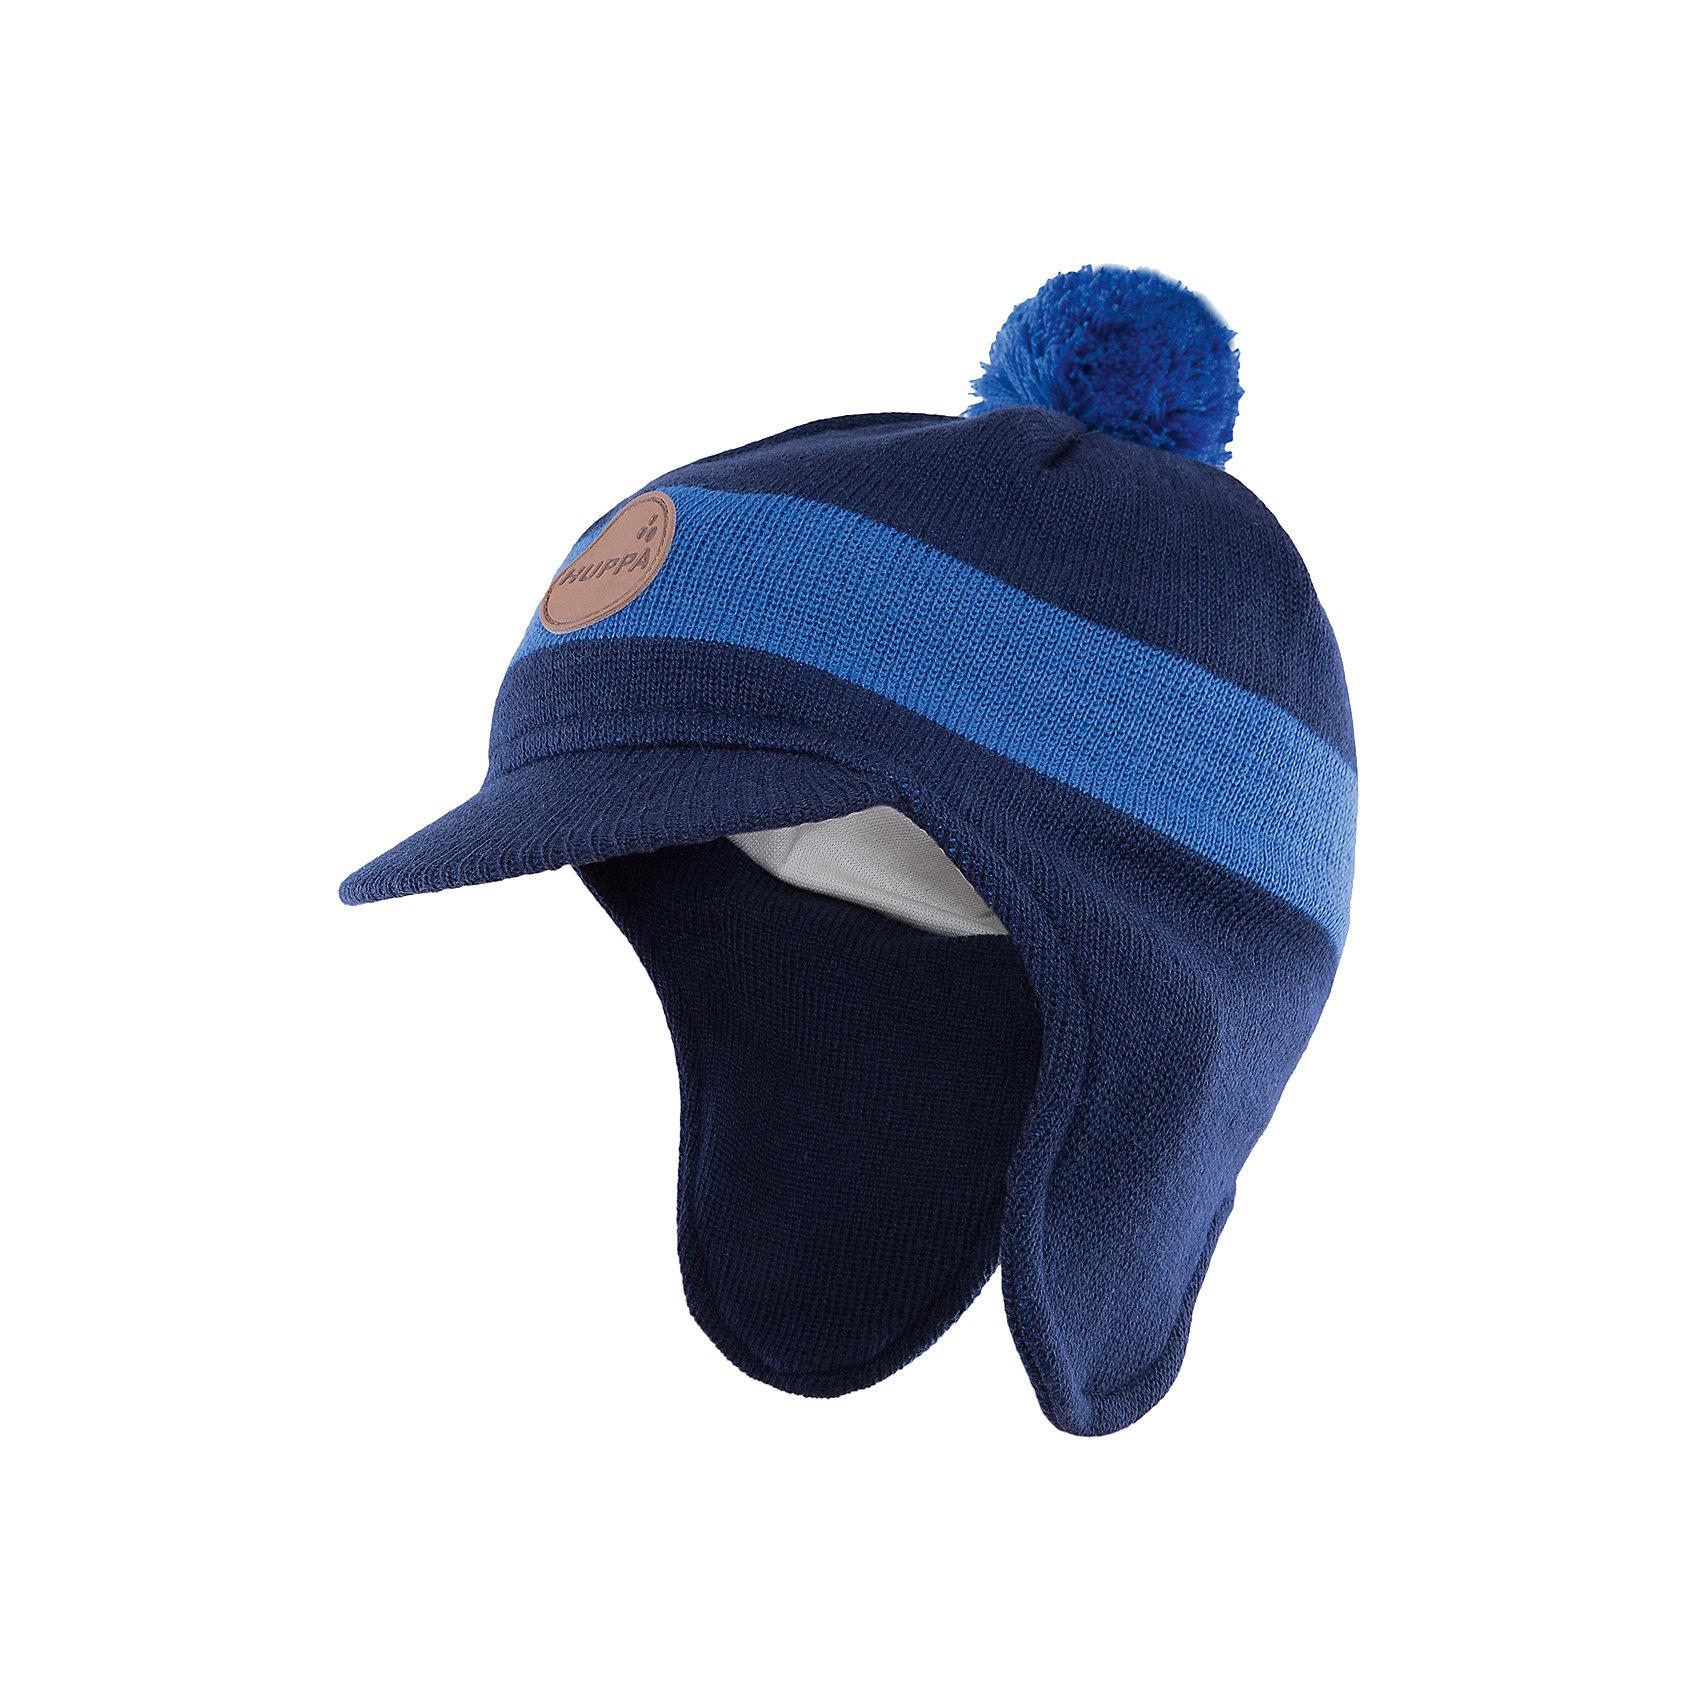 Шапка  HuppaШапка Peak с козырьком от Huppa(Хуппа) надежно сохранит тепло для вашего ребенка. Она изготовлена из шерсти и акрила, с подкладкой из натурального хлопка. Удлиненные бока и козырек защитят малыша от мороза и ветра. Шапка украшена помпоном и эмблемой фирмы. Прекрасно подойдет для холодной погоды.<br><br>Дополнительная информация:<br>Цвет: синий/темно-синий<br>Материал: 30% шерсть мериноса, 70% акрил<br>Подкладка: 100% хлопок<br><br>Шапку с козырьком Huppa(Хуппа) вы можете купить в нашем интернет-магазине.<br><br>Ширина мм: 89<br>Глубина мм: 117<br>Высота мм: 44<br>Вес г: 155<br>Цвет: синий<br>Возраст от месяцев: 84<br>Возраст до месяцев: 120<br>Пол: Мужской<br>Возраст: Детский<br>Размер: 47-49,55-57,51-53<br>SKU: 4923561